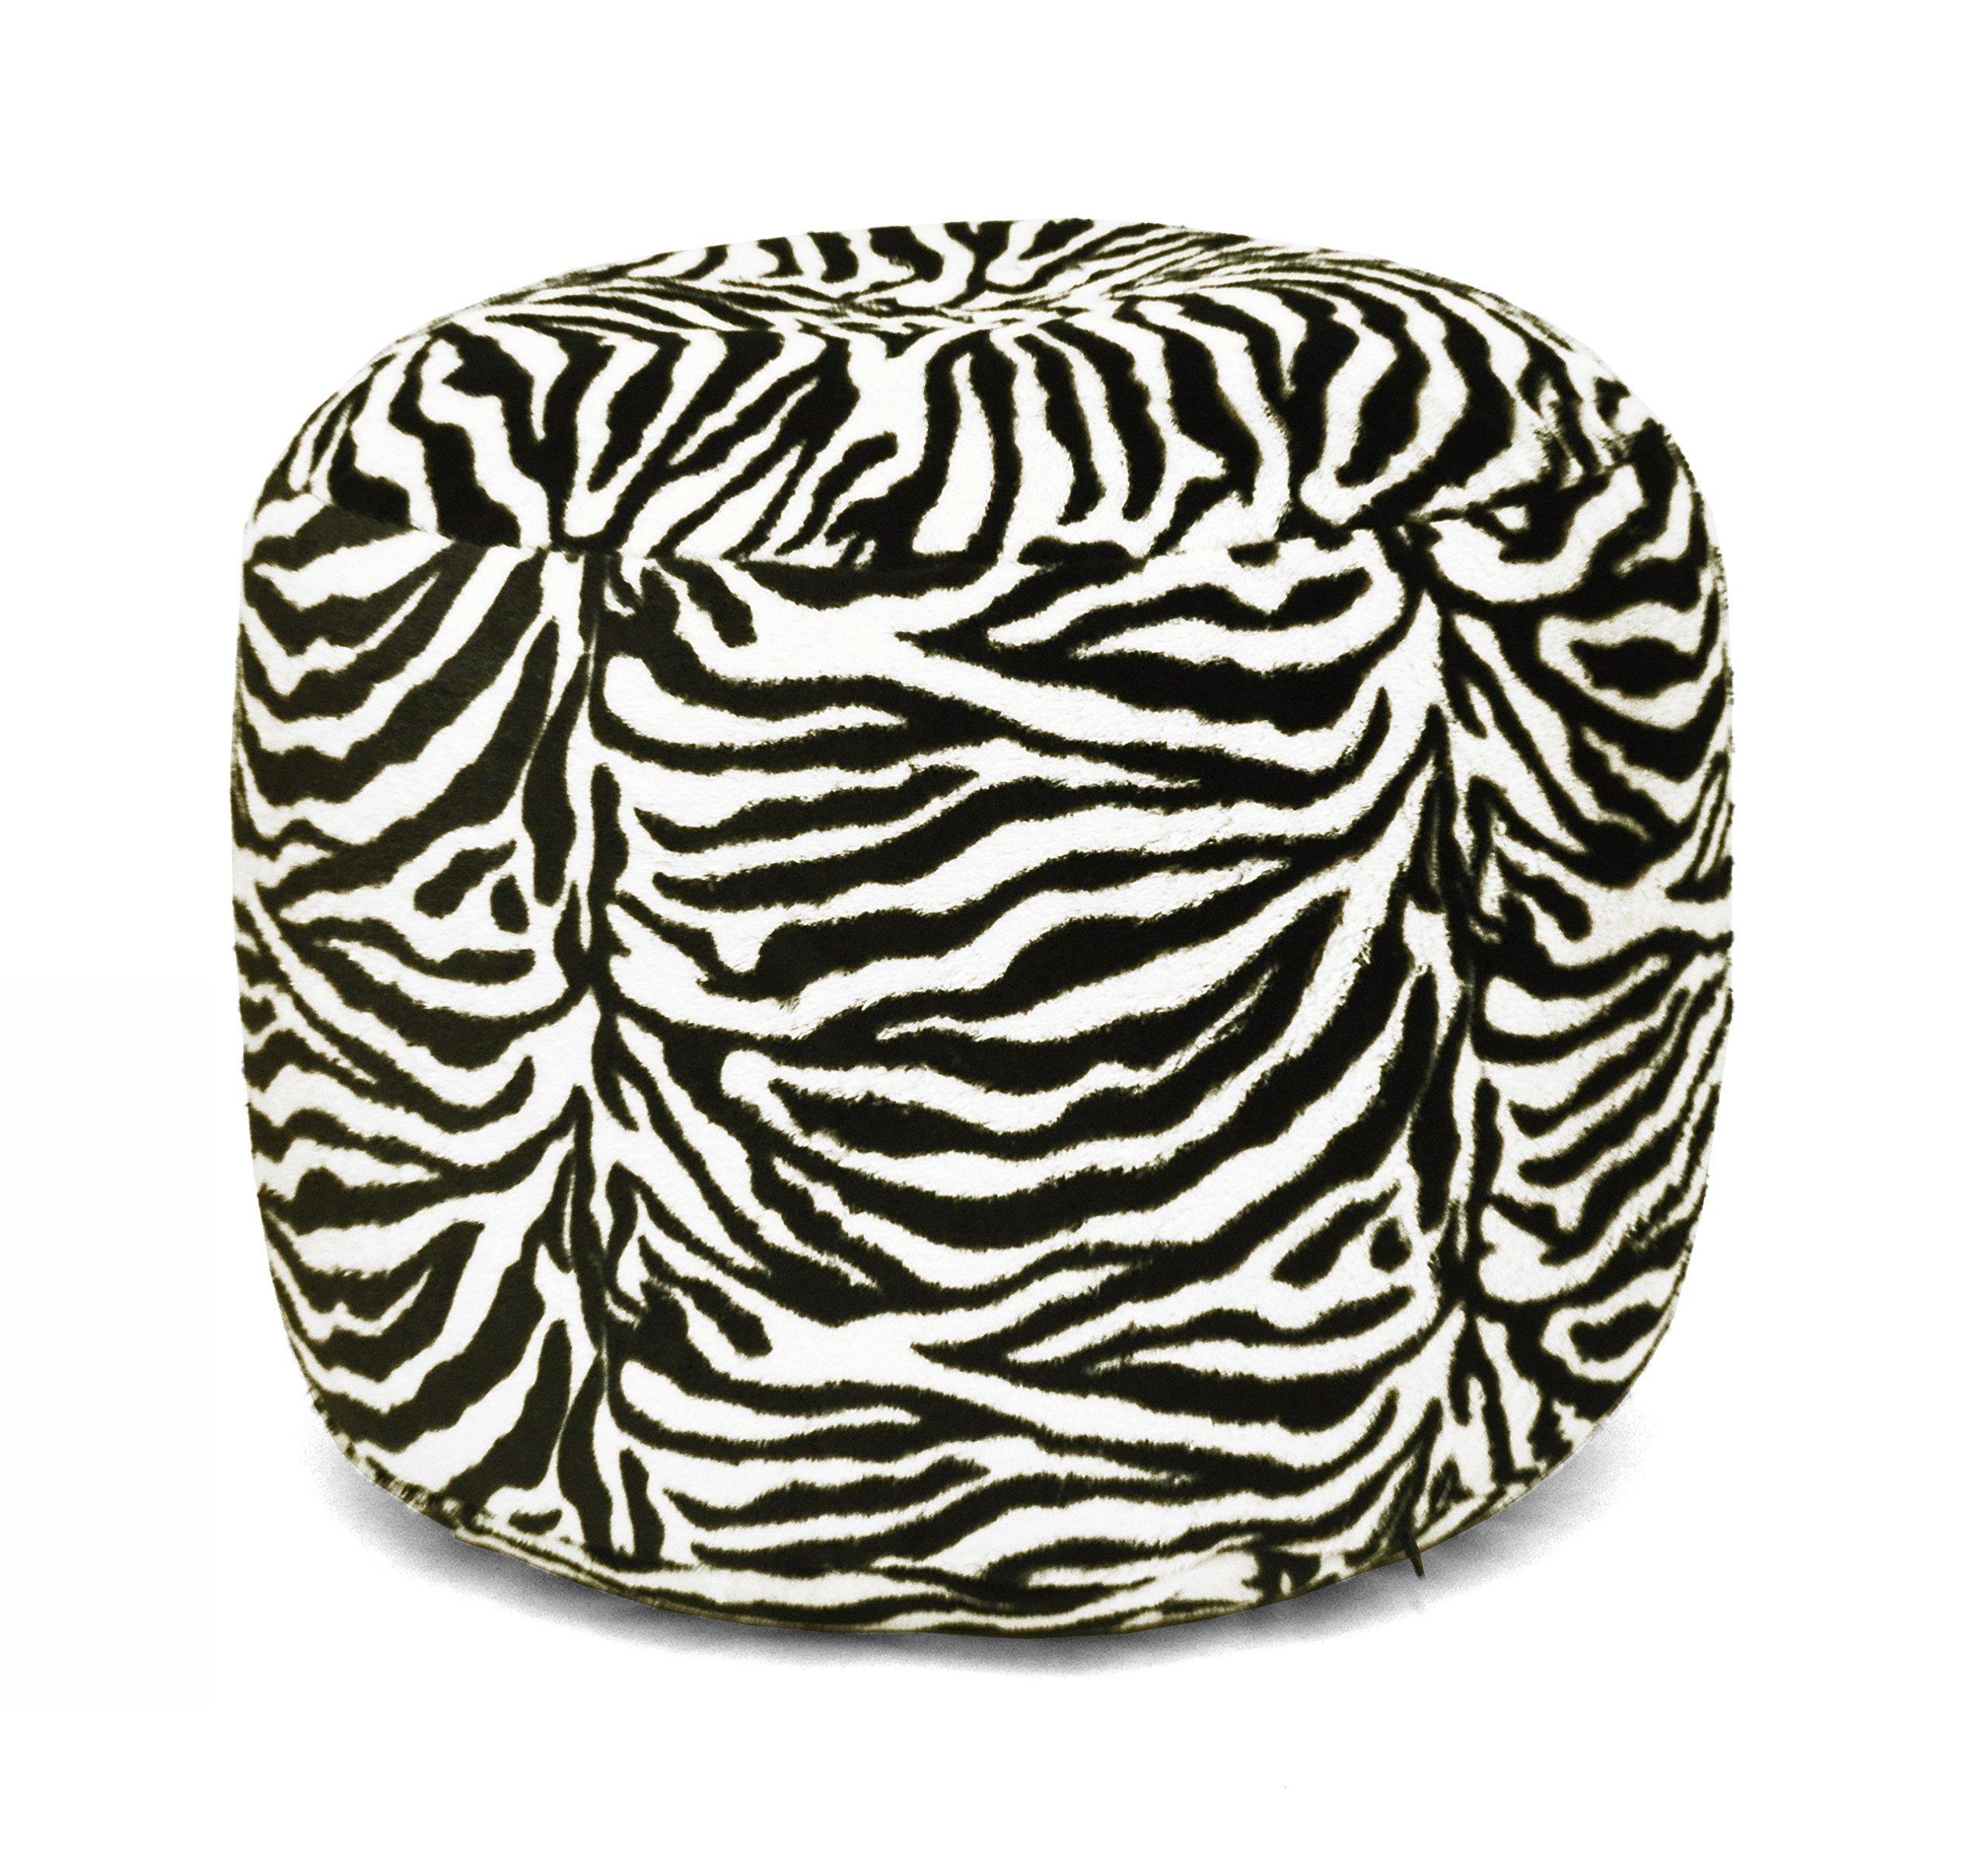 Urban Shop Faux Fur Animal Print Pouf, Zebra by Urban Shop (Image #1)